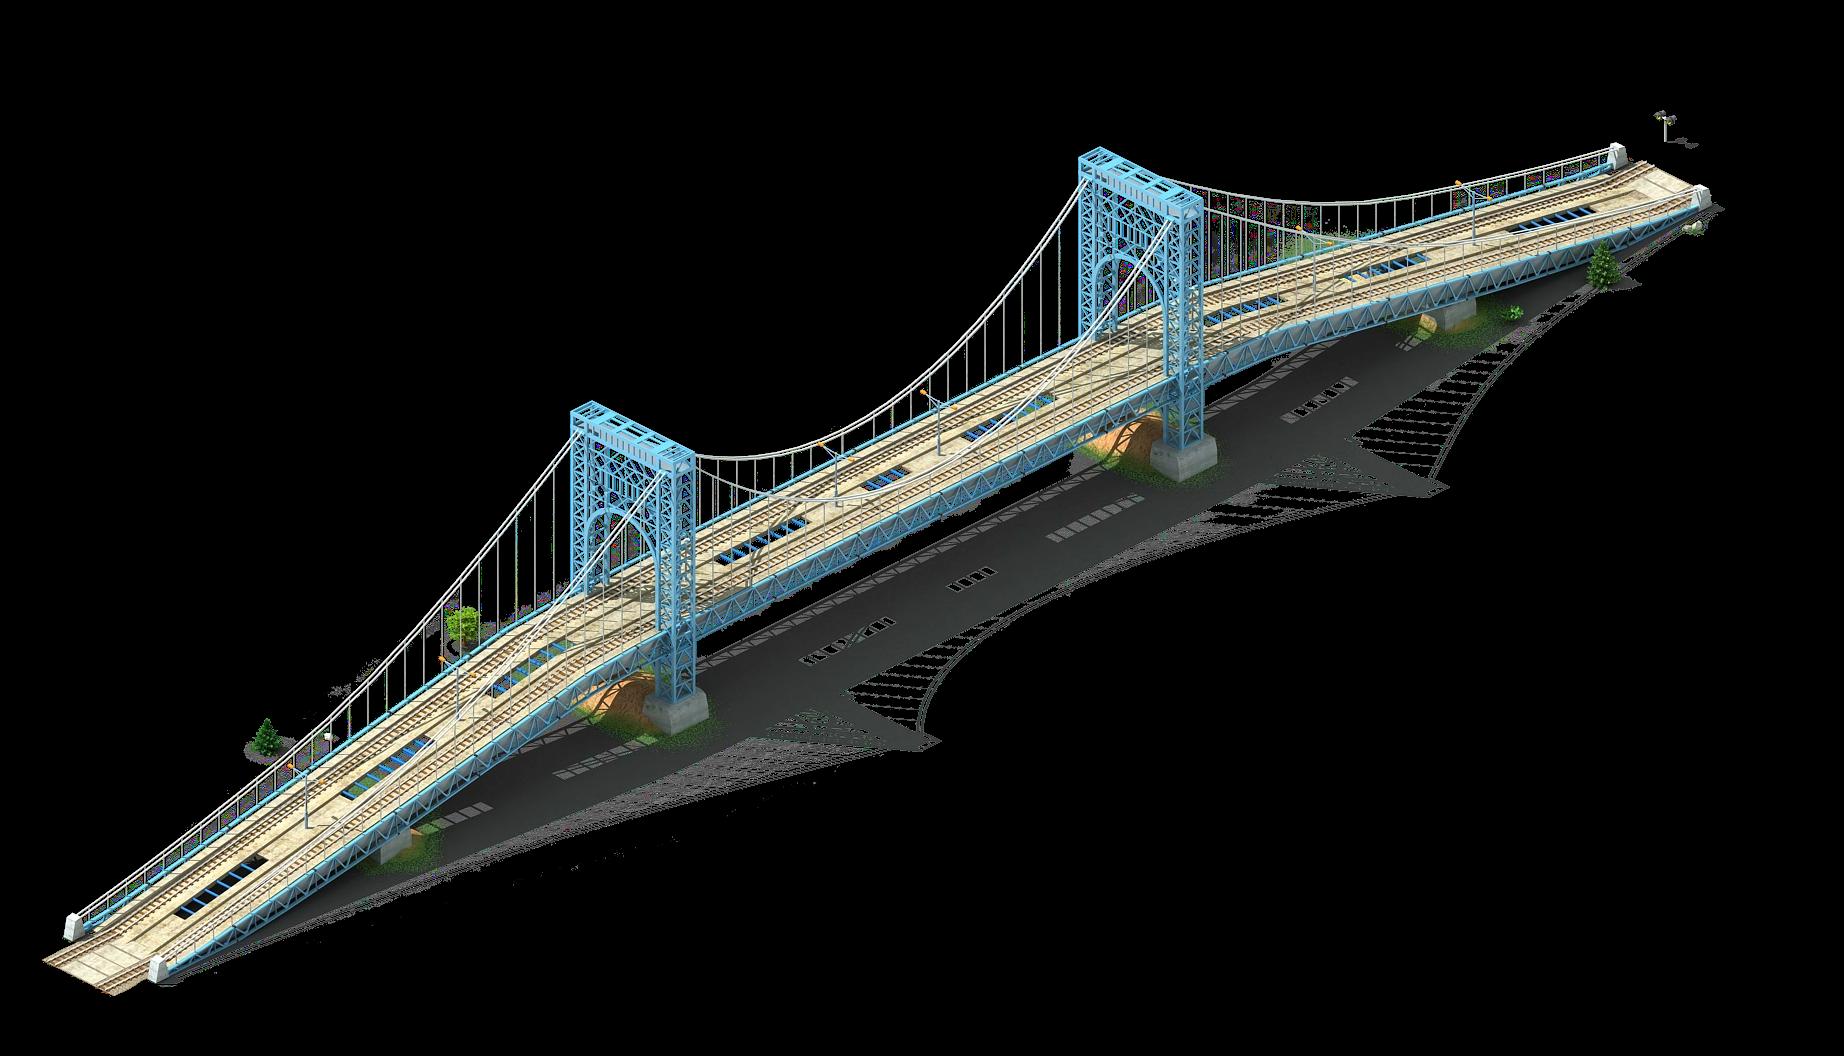 Download Arch Bridge Png Image For Free Arch Bridge Bridge Png Images